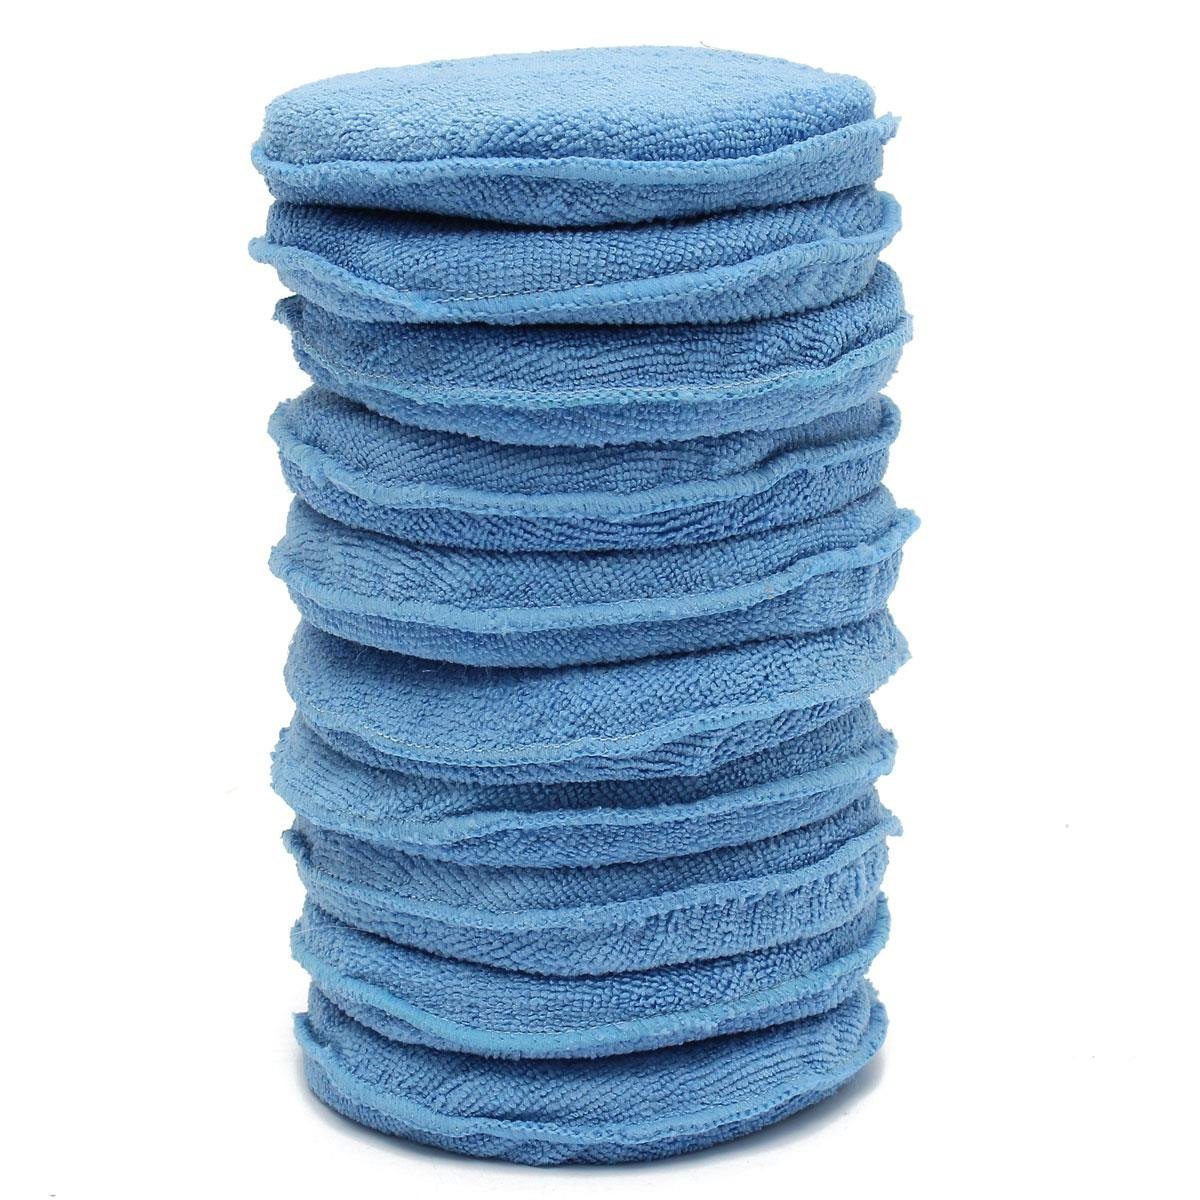 blu WINOMO 10pcs ceretta cera schiuma spugna applicatore pastiglie auto veicolo vetro pulito